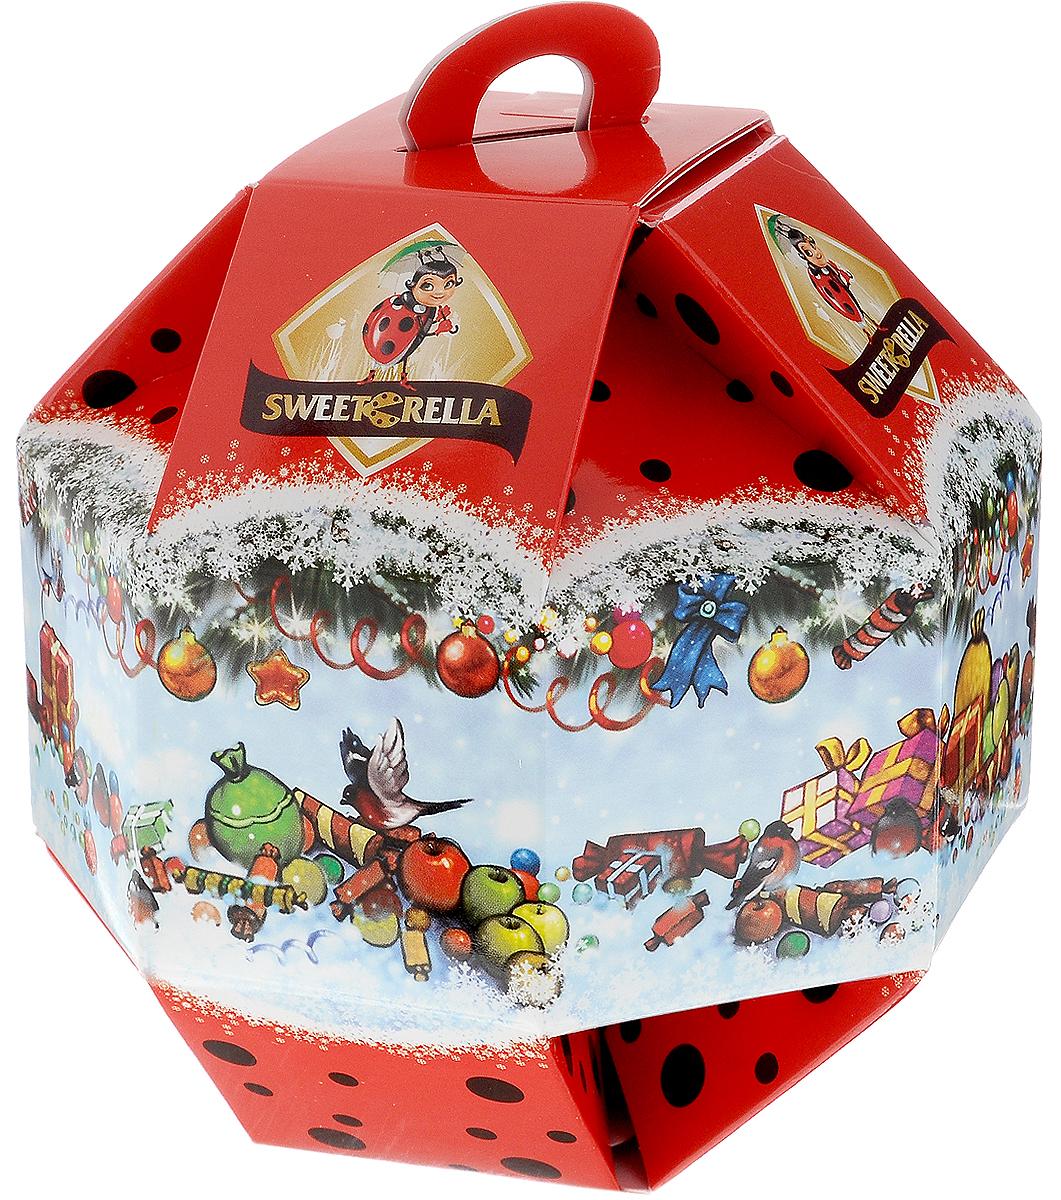 Sweeterella Новогодний шарик конфеты шоколадные, 138 г кэш флоу игра купить